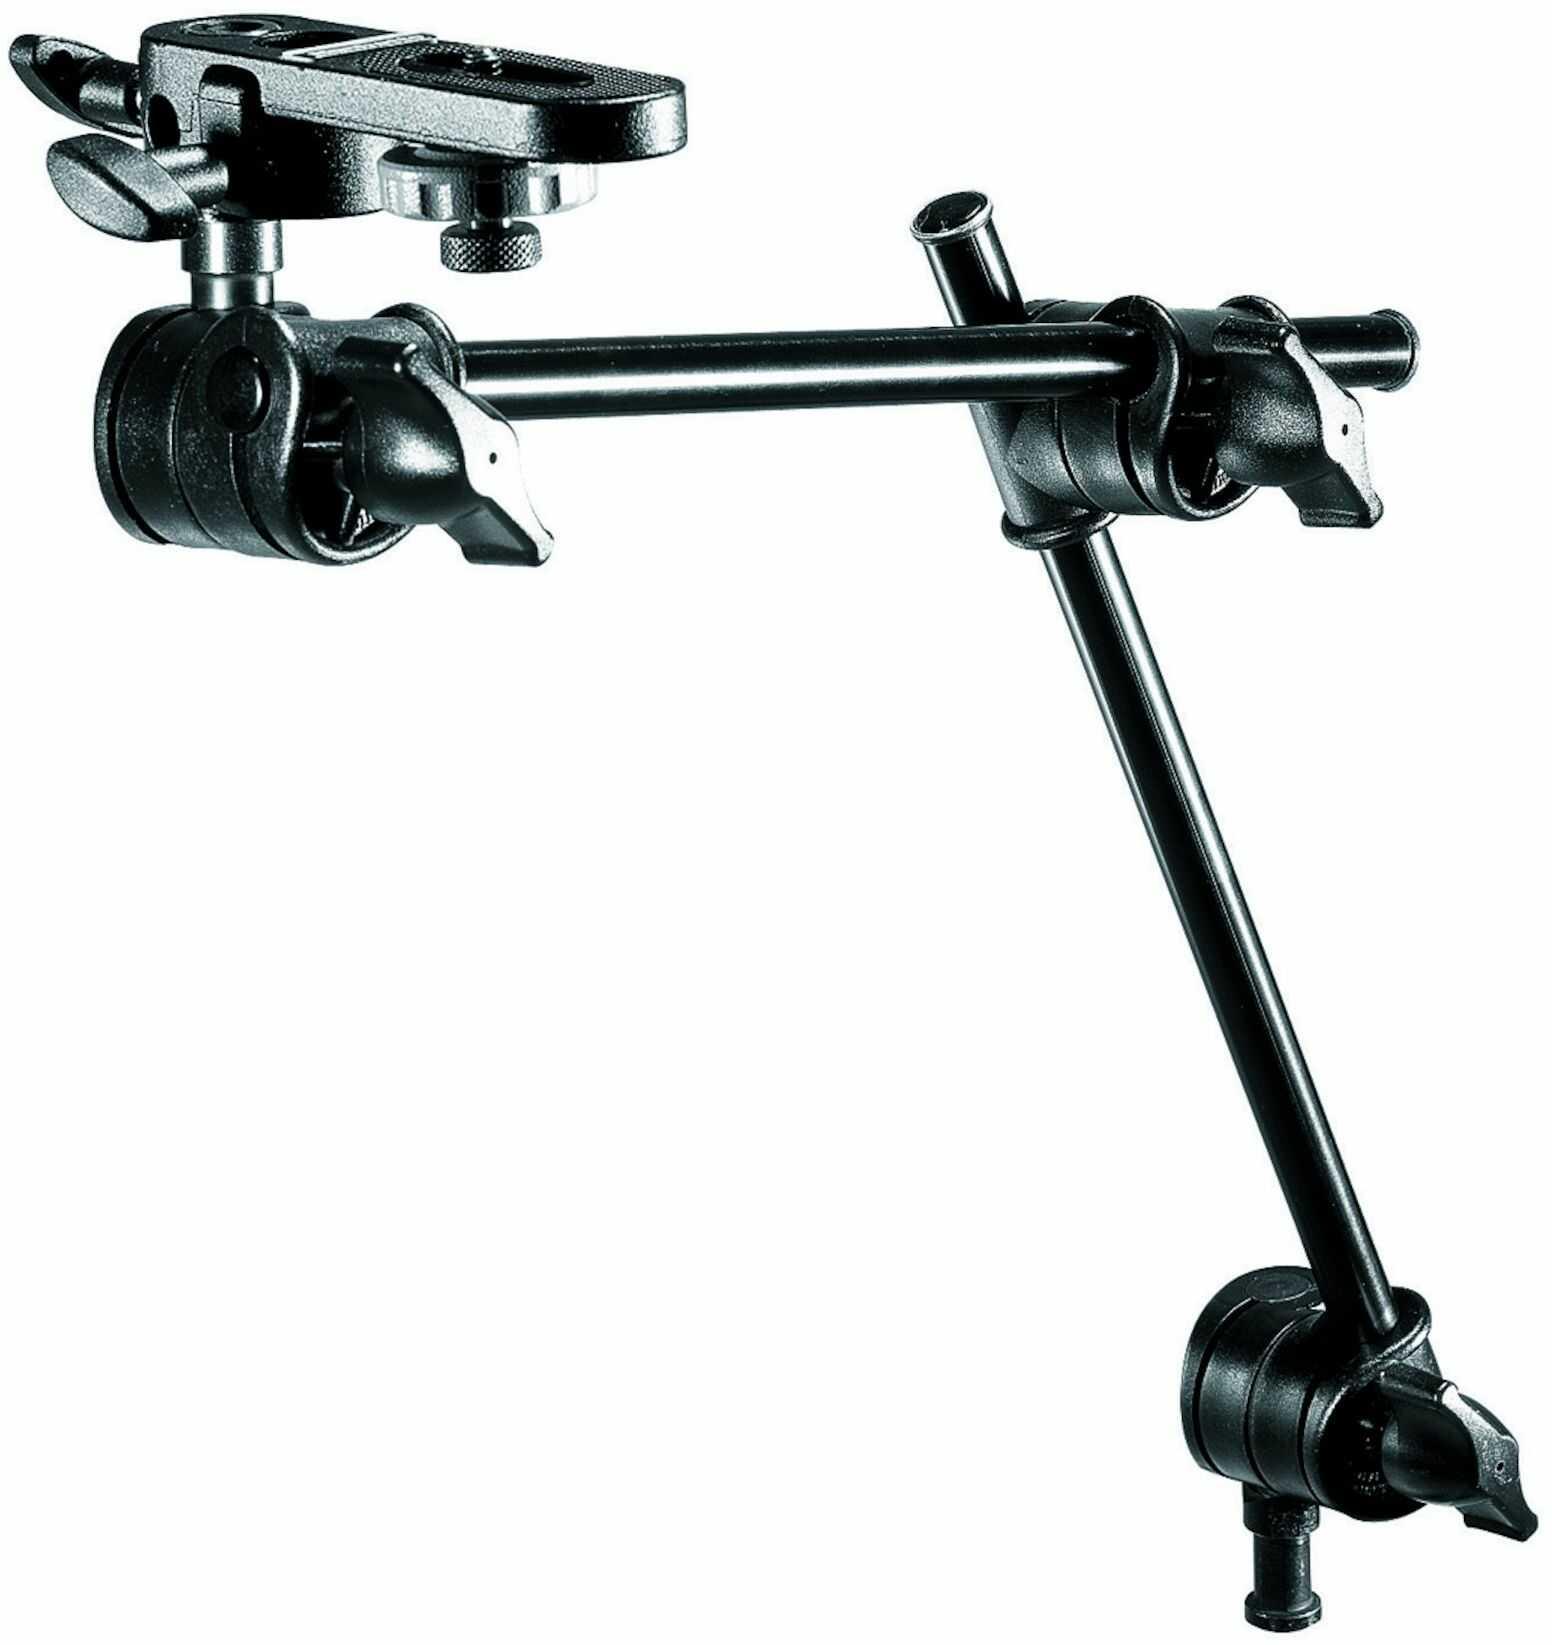 Manfrotto 196B-2 - Mini arm / ramię pojedyńcze 2-sekcyjne + Manfrotto 143BKT Manfrotto 196B-2 - Mini arm / ramię pojedyńcze 2-sekcyjne + Manfrotto 143BKT